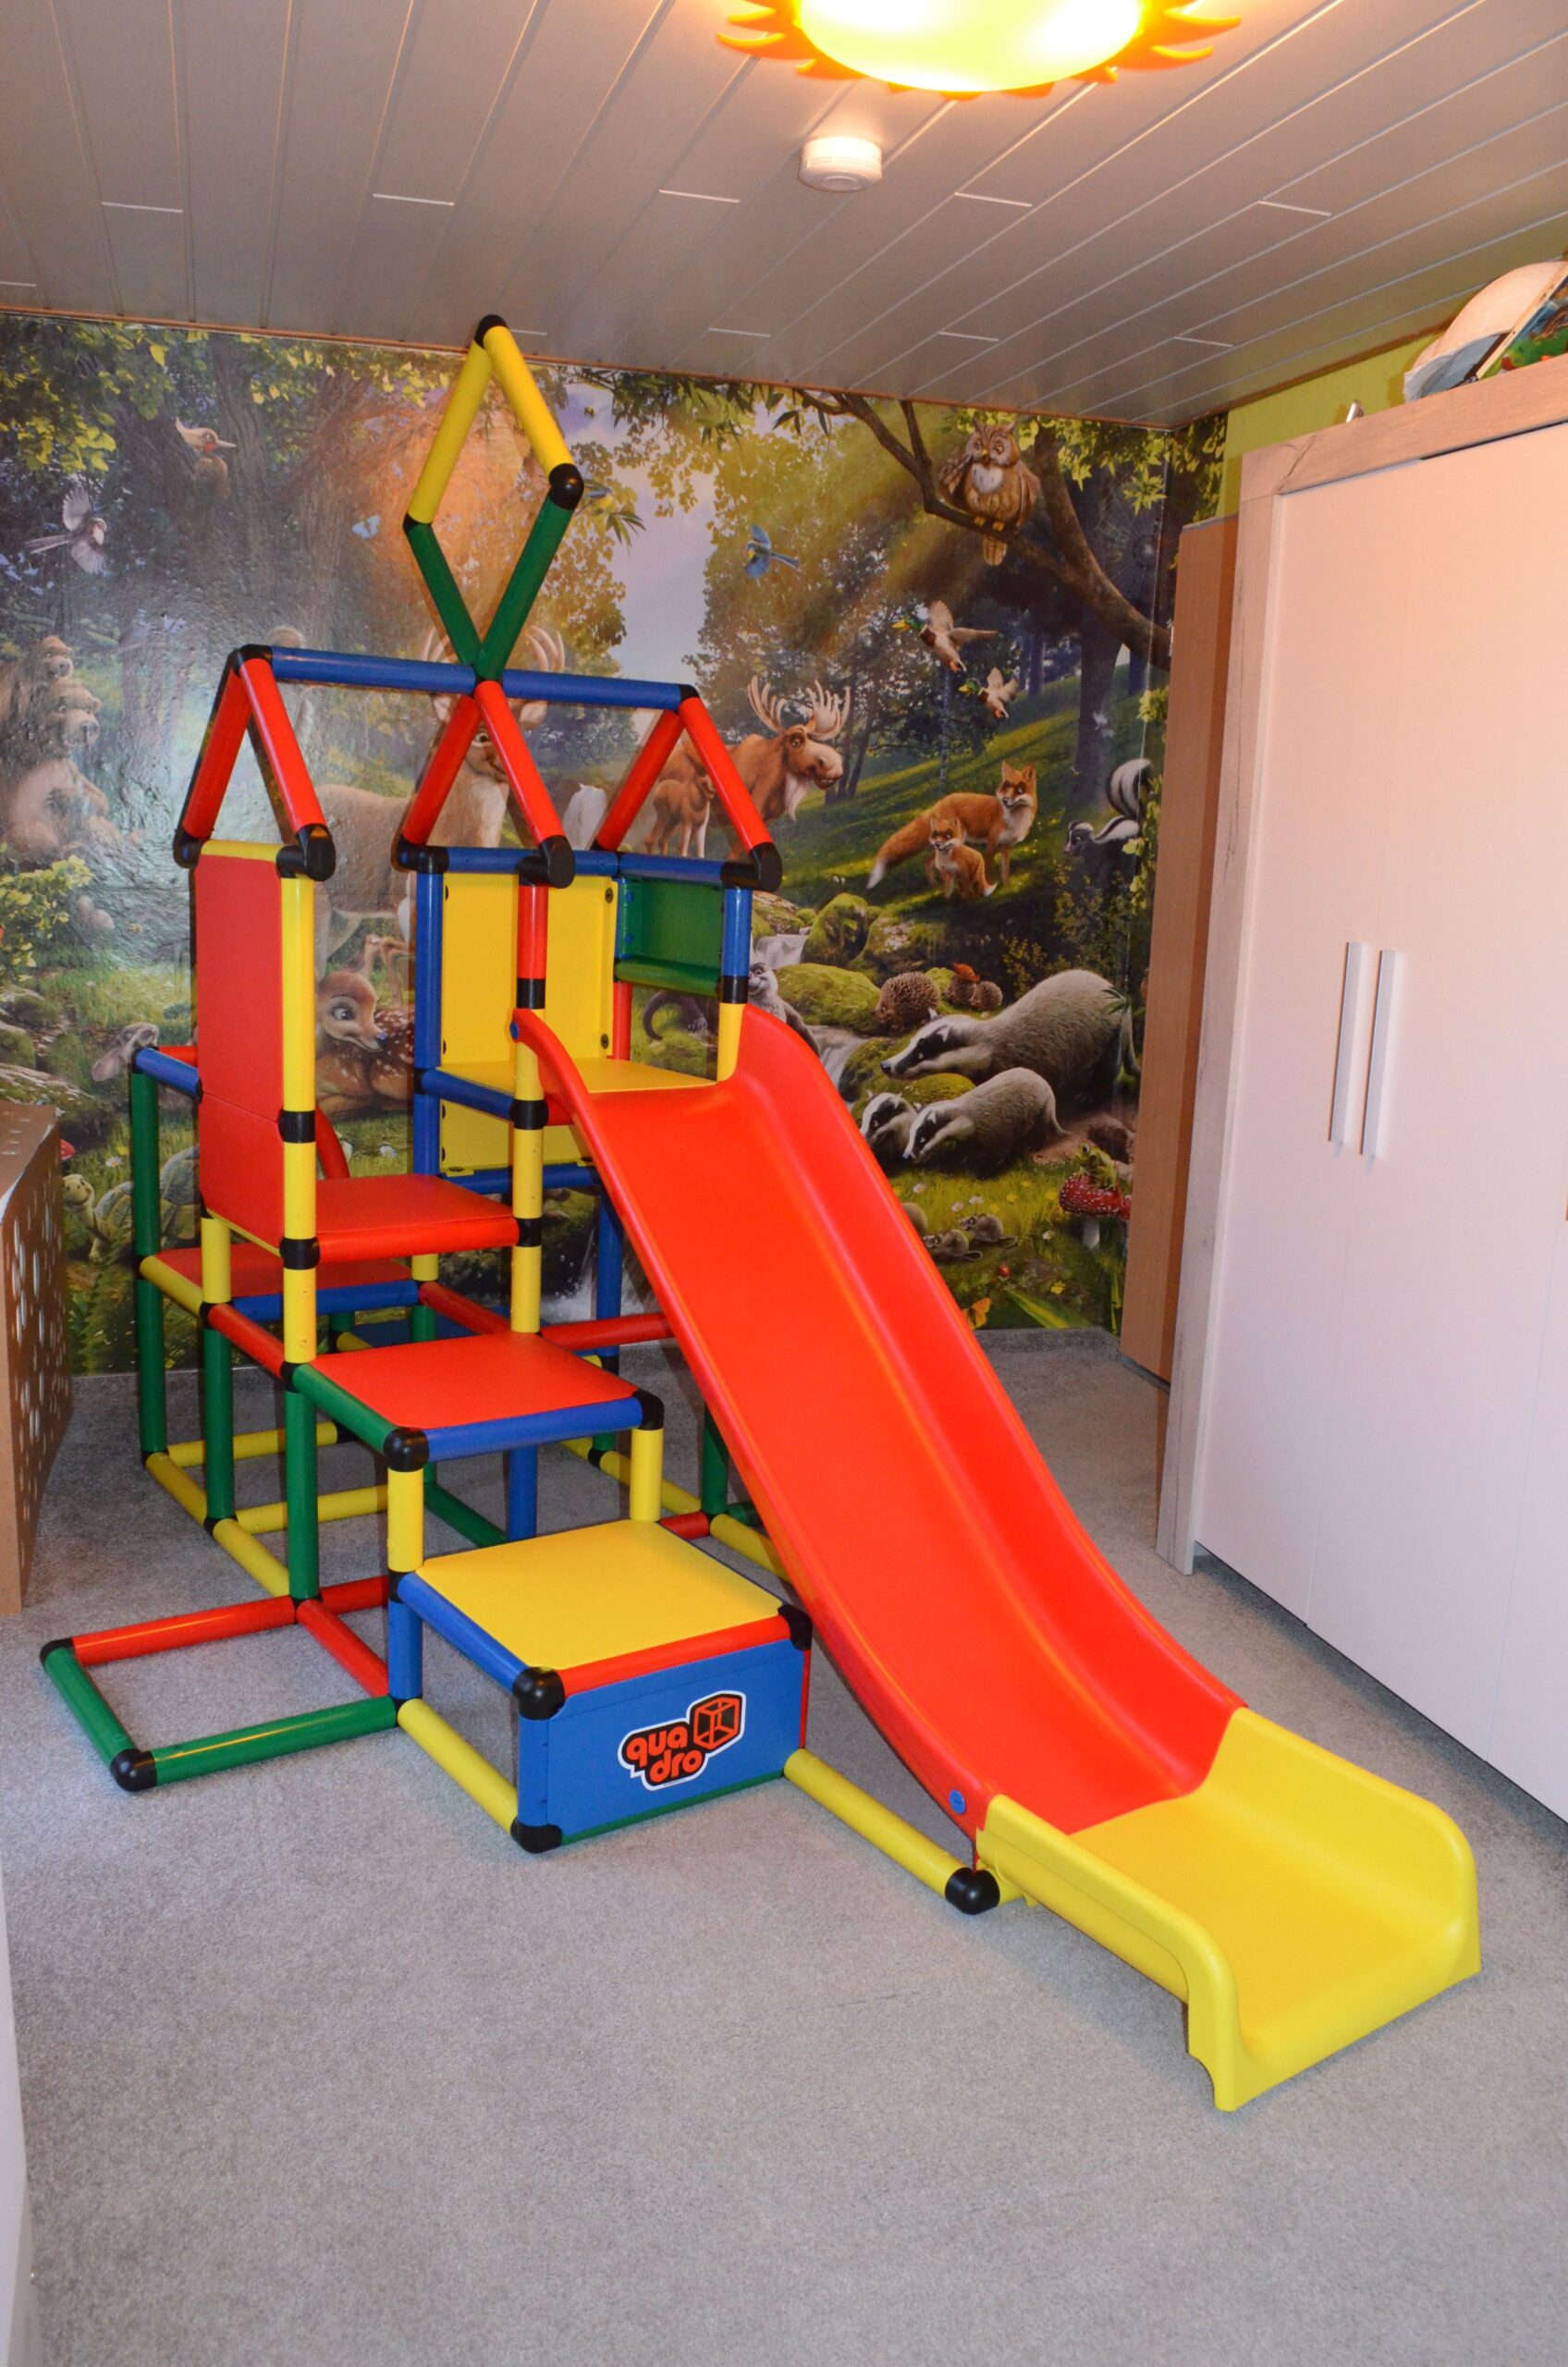 Full Size of Kidwood Klettergerüst Klettergerst Kinderzimmer Rakete Sport Set Garten Wohnzimmer Kidwood Klettergerüst